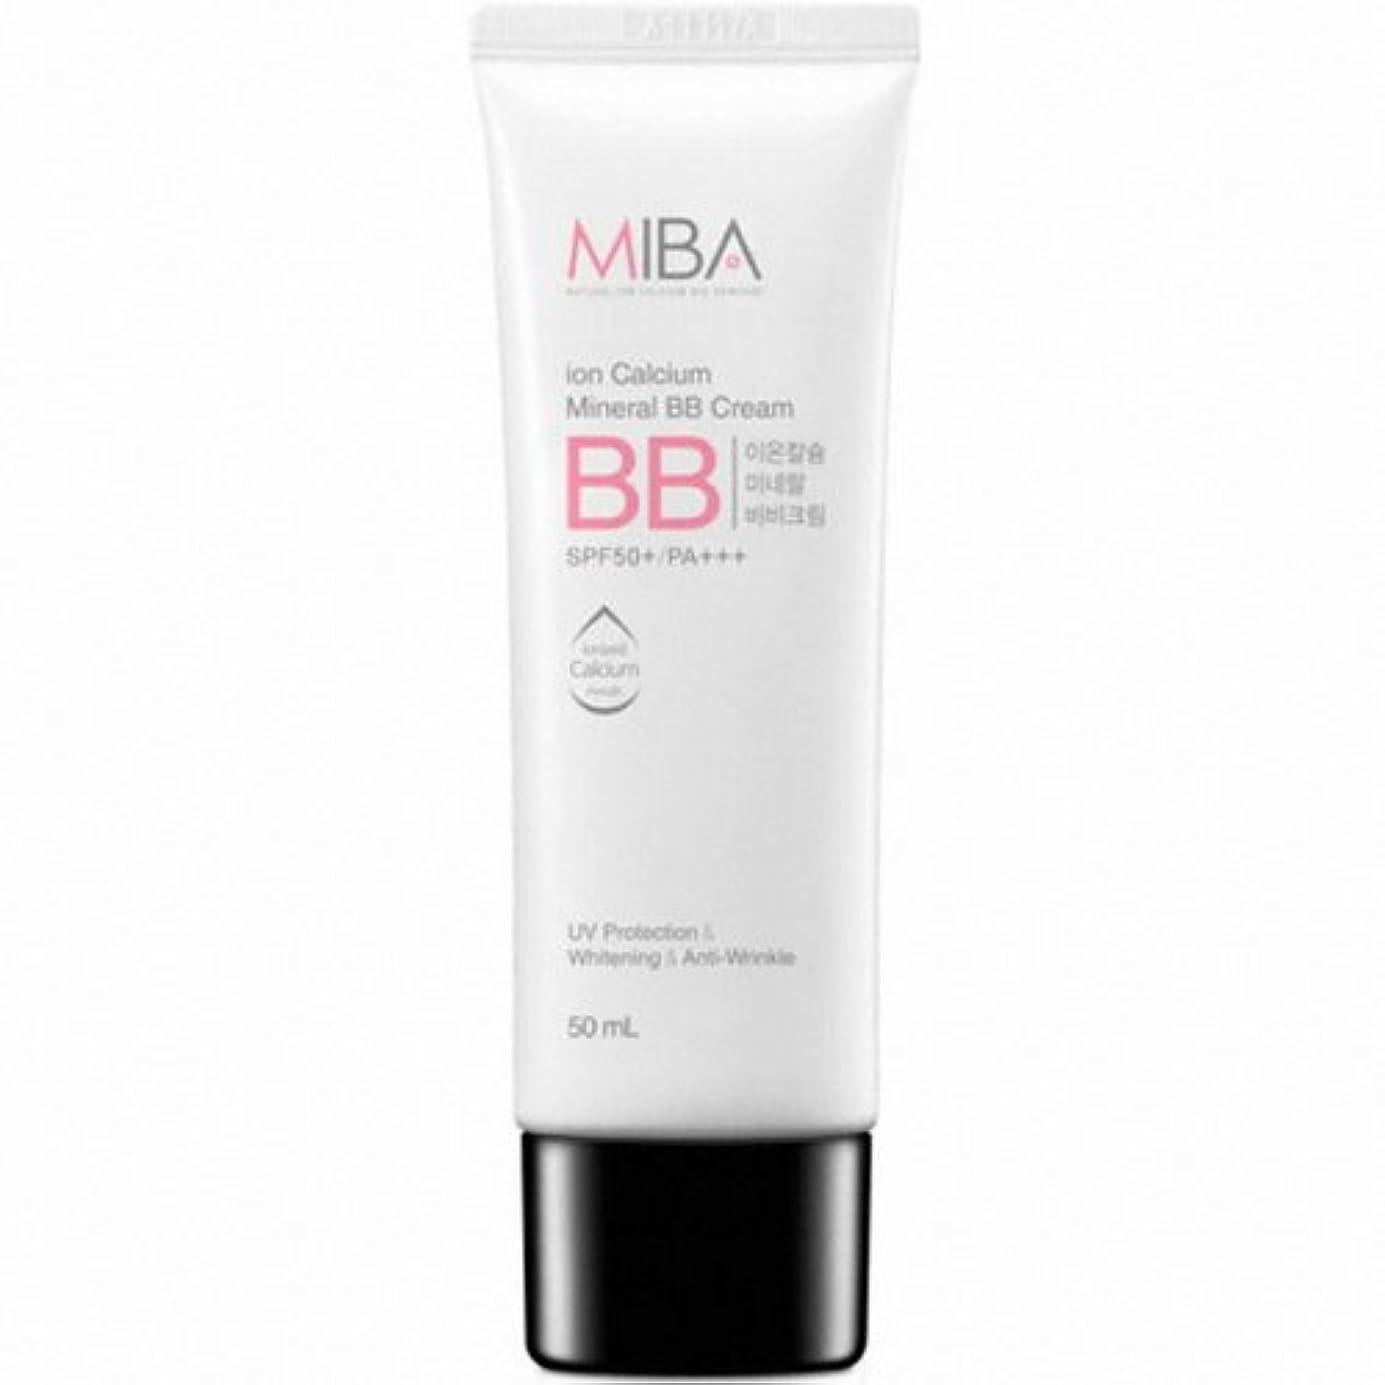 こどもの日群れ賞賛するMINERALBIO (ミネラルバイオ) ミバ イオン カルシウム ミネラル ビビクリーム / MIBA Ion Calcium Mineral BB Cream (50ml) [並行輸入品]